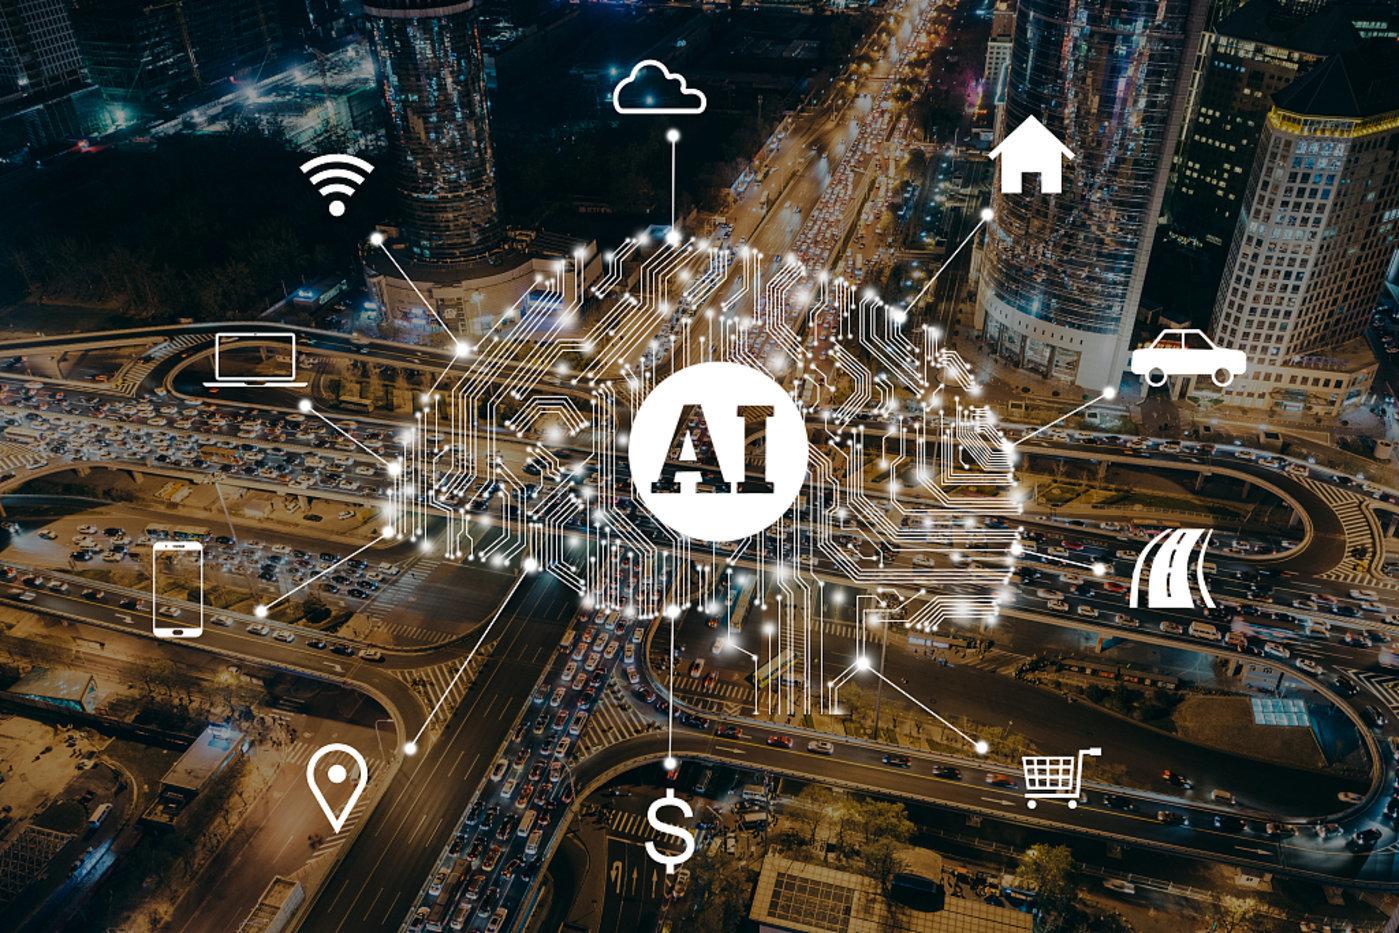 汉王科技OCR领域取得重大突破,抢占新基建数字经济发展先机